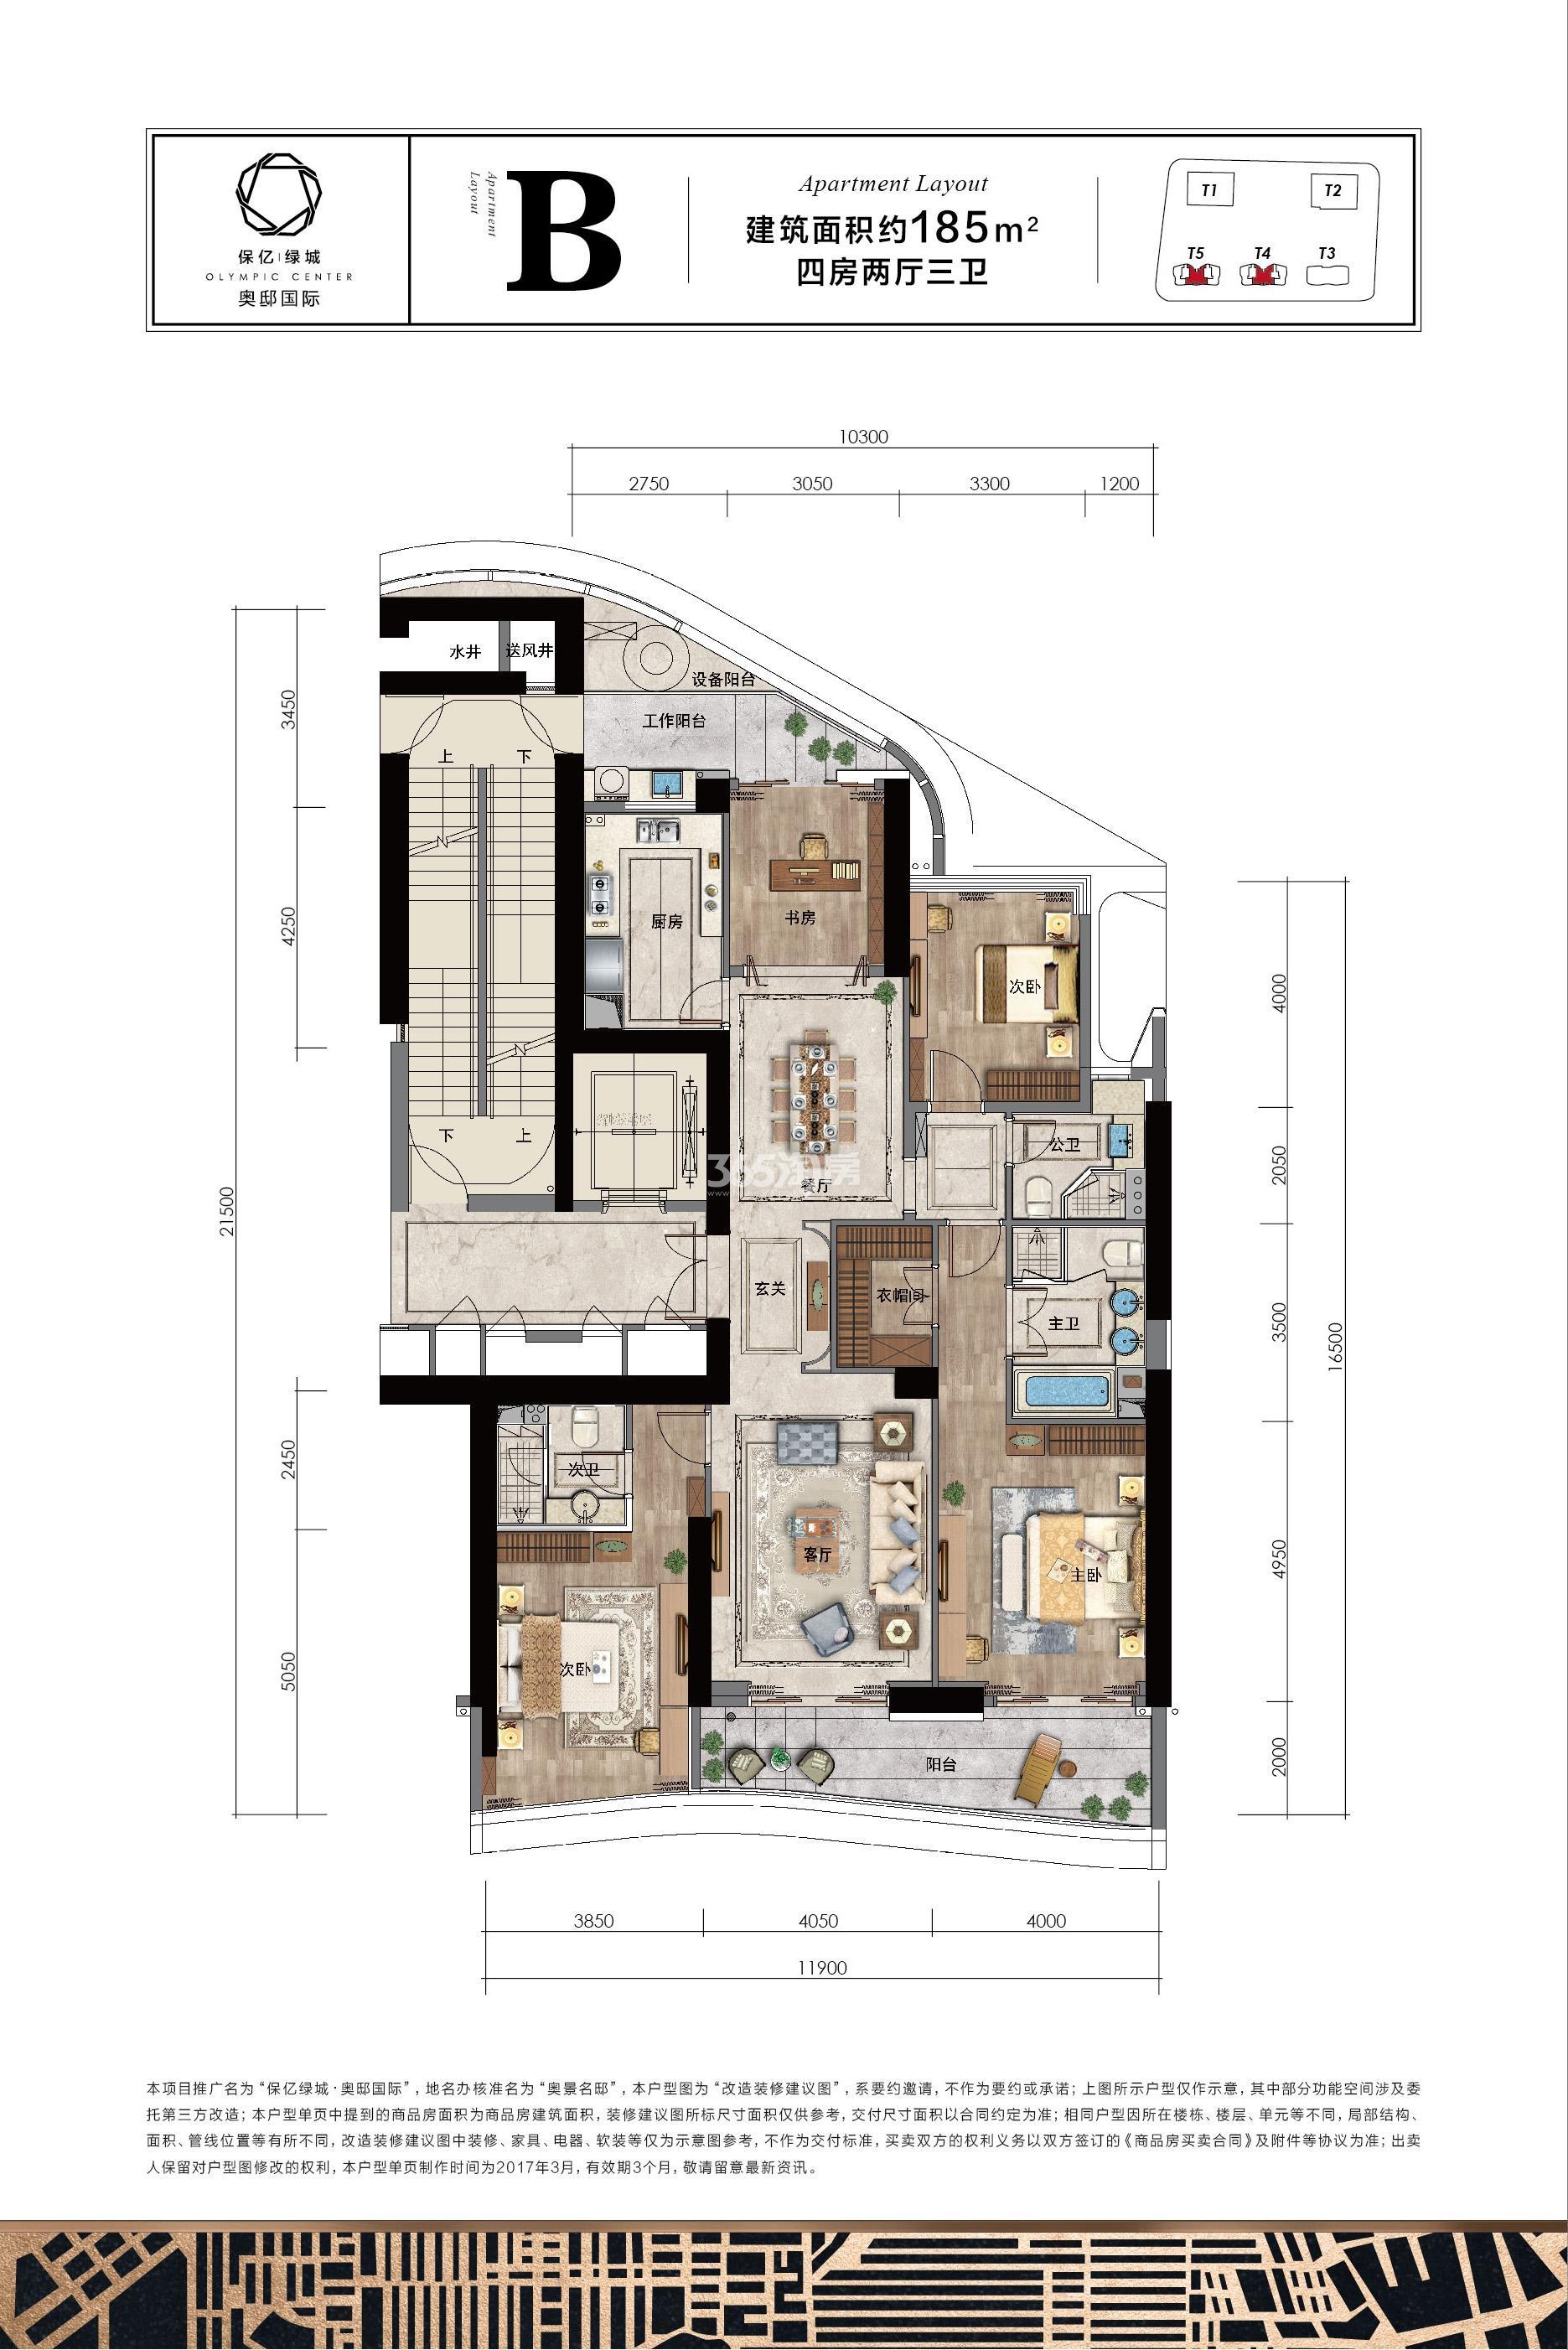 保亿绿城奥邸国际B户型185方中间套(T4、T5号楼)